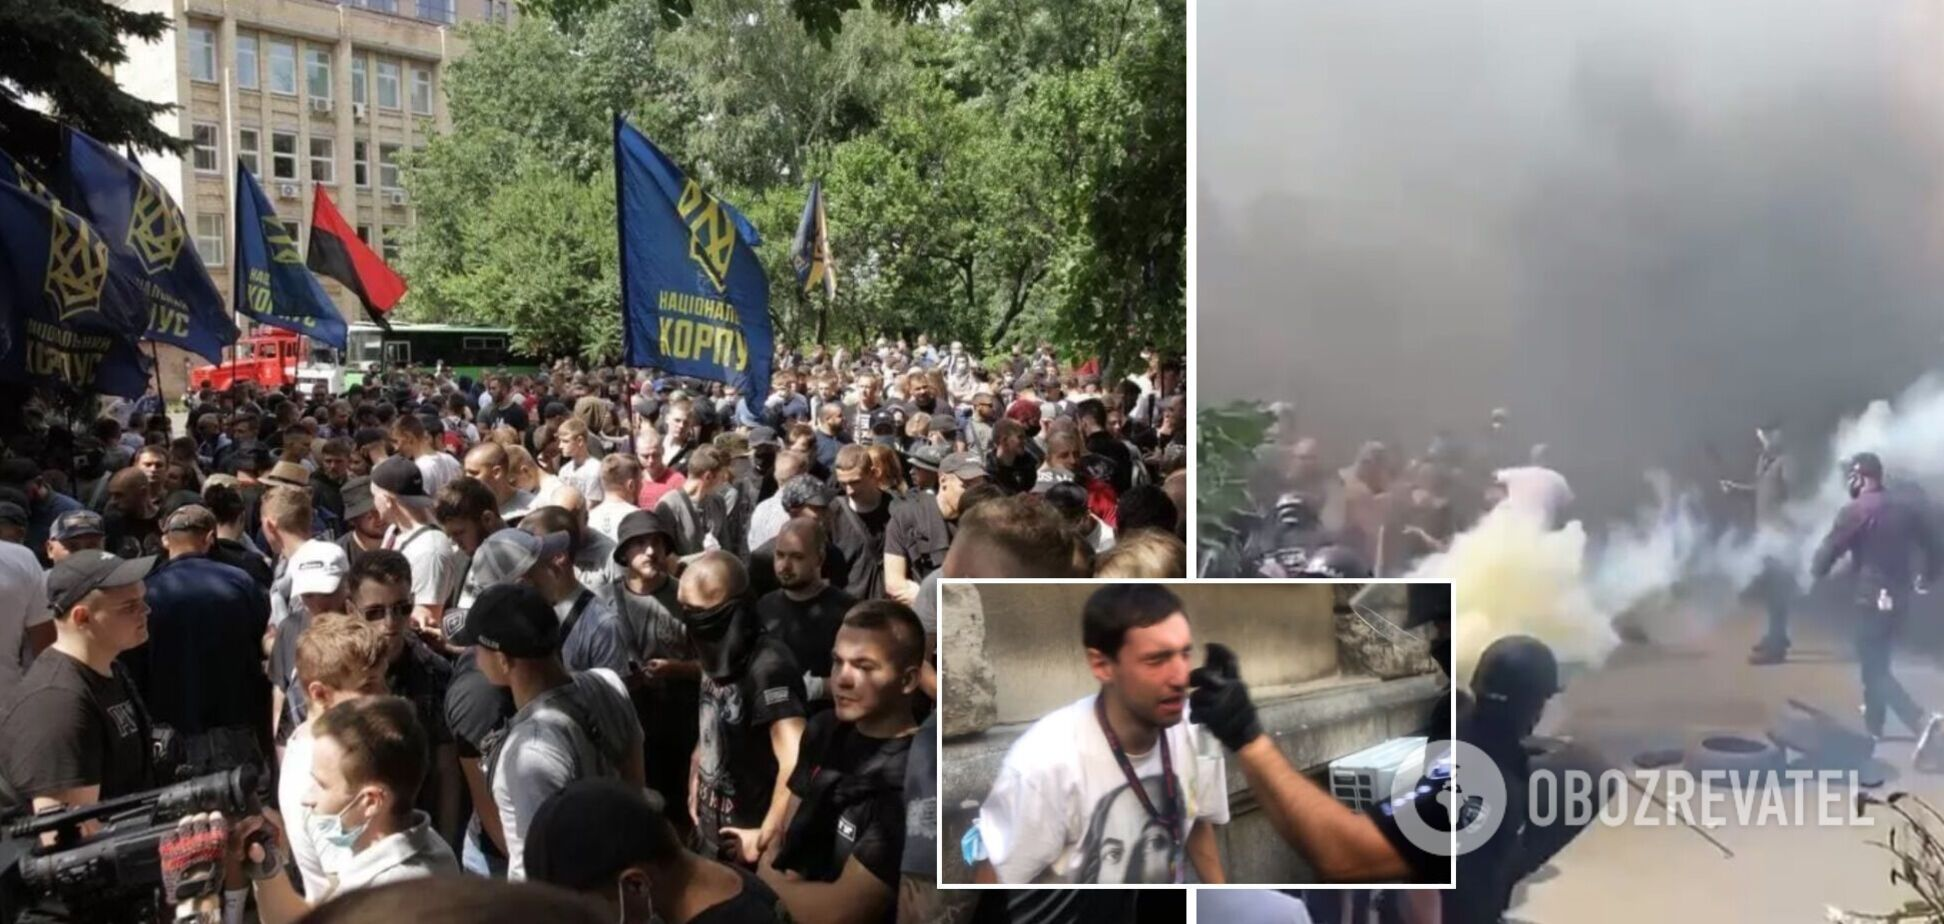 Во время протеста 'Нацкорпуса' пострадал оператор телеканала: ему помогли полицейские. Видео